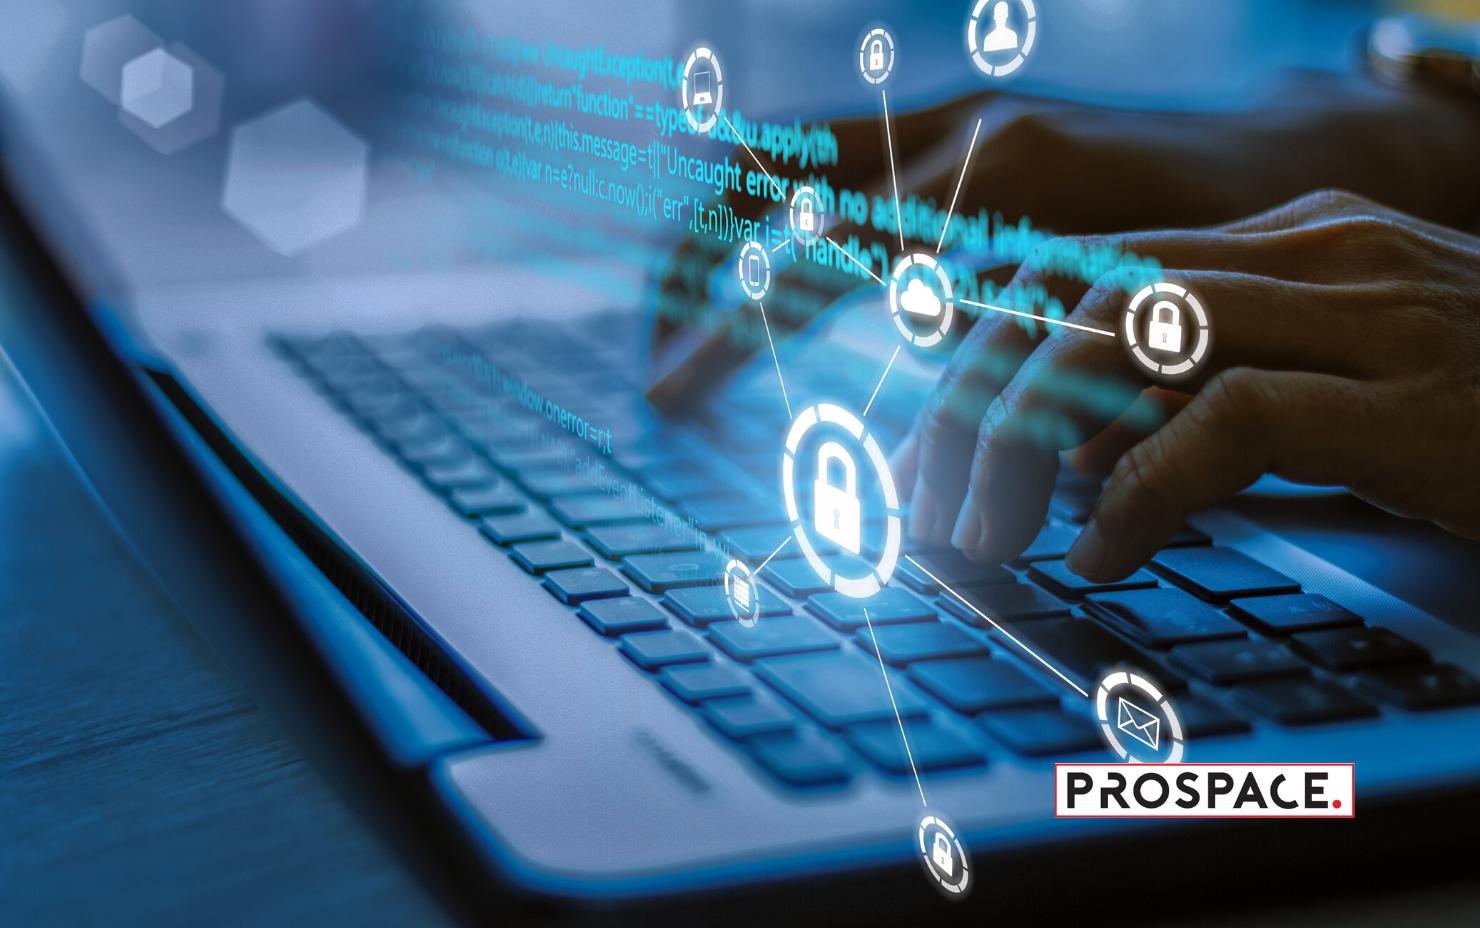 7 ขั้นตอนสร้างฐาน network และ IT security บริษัทให้มั่นคง